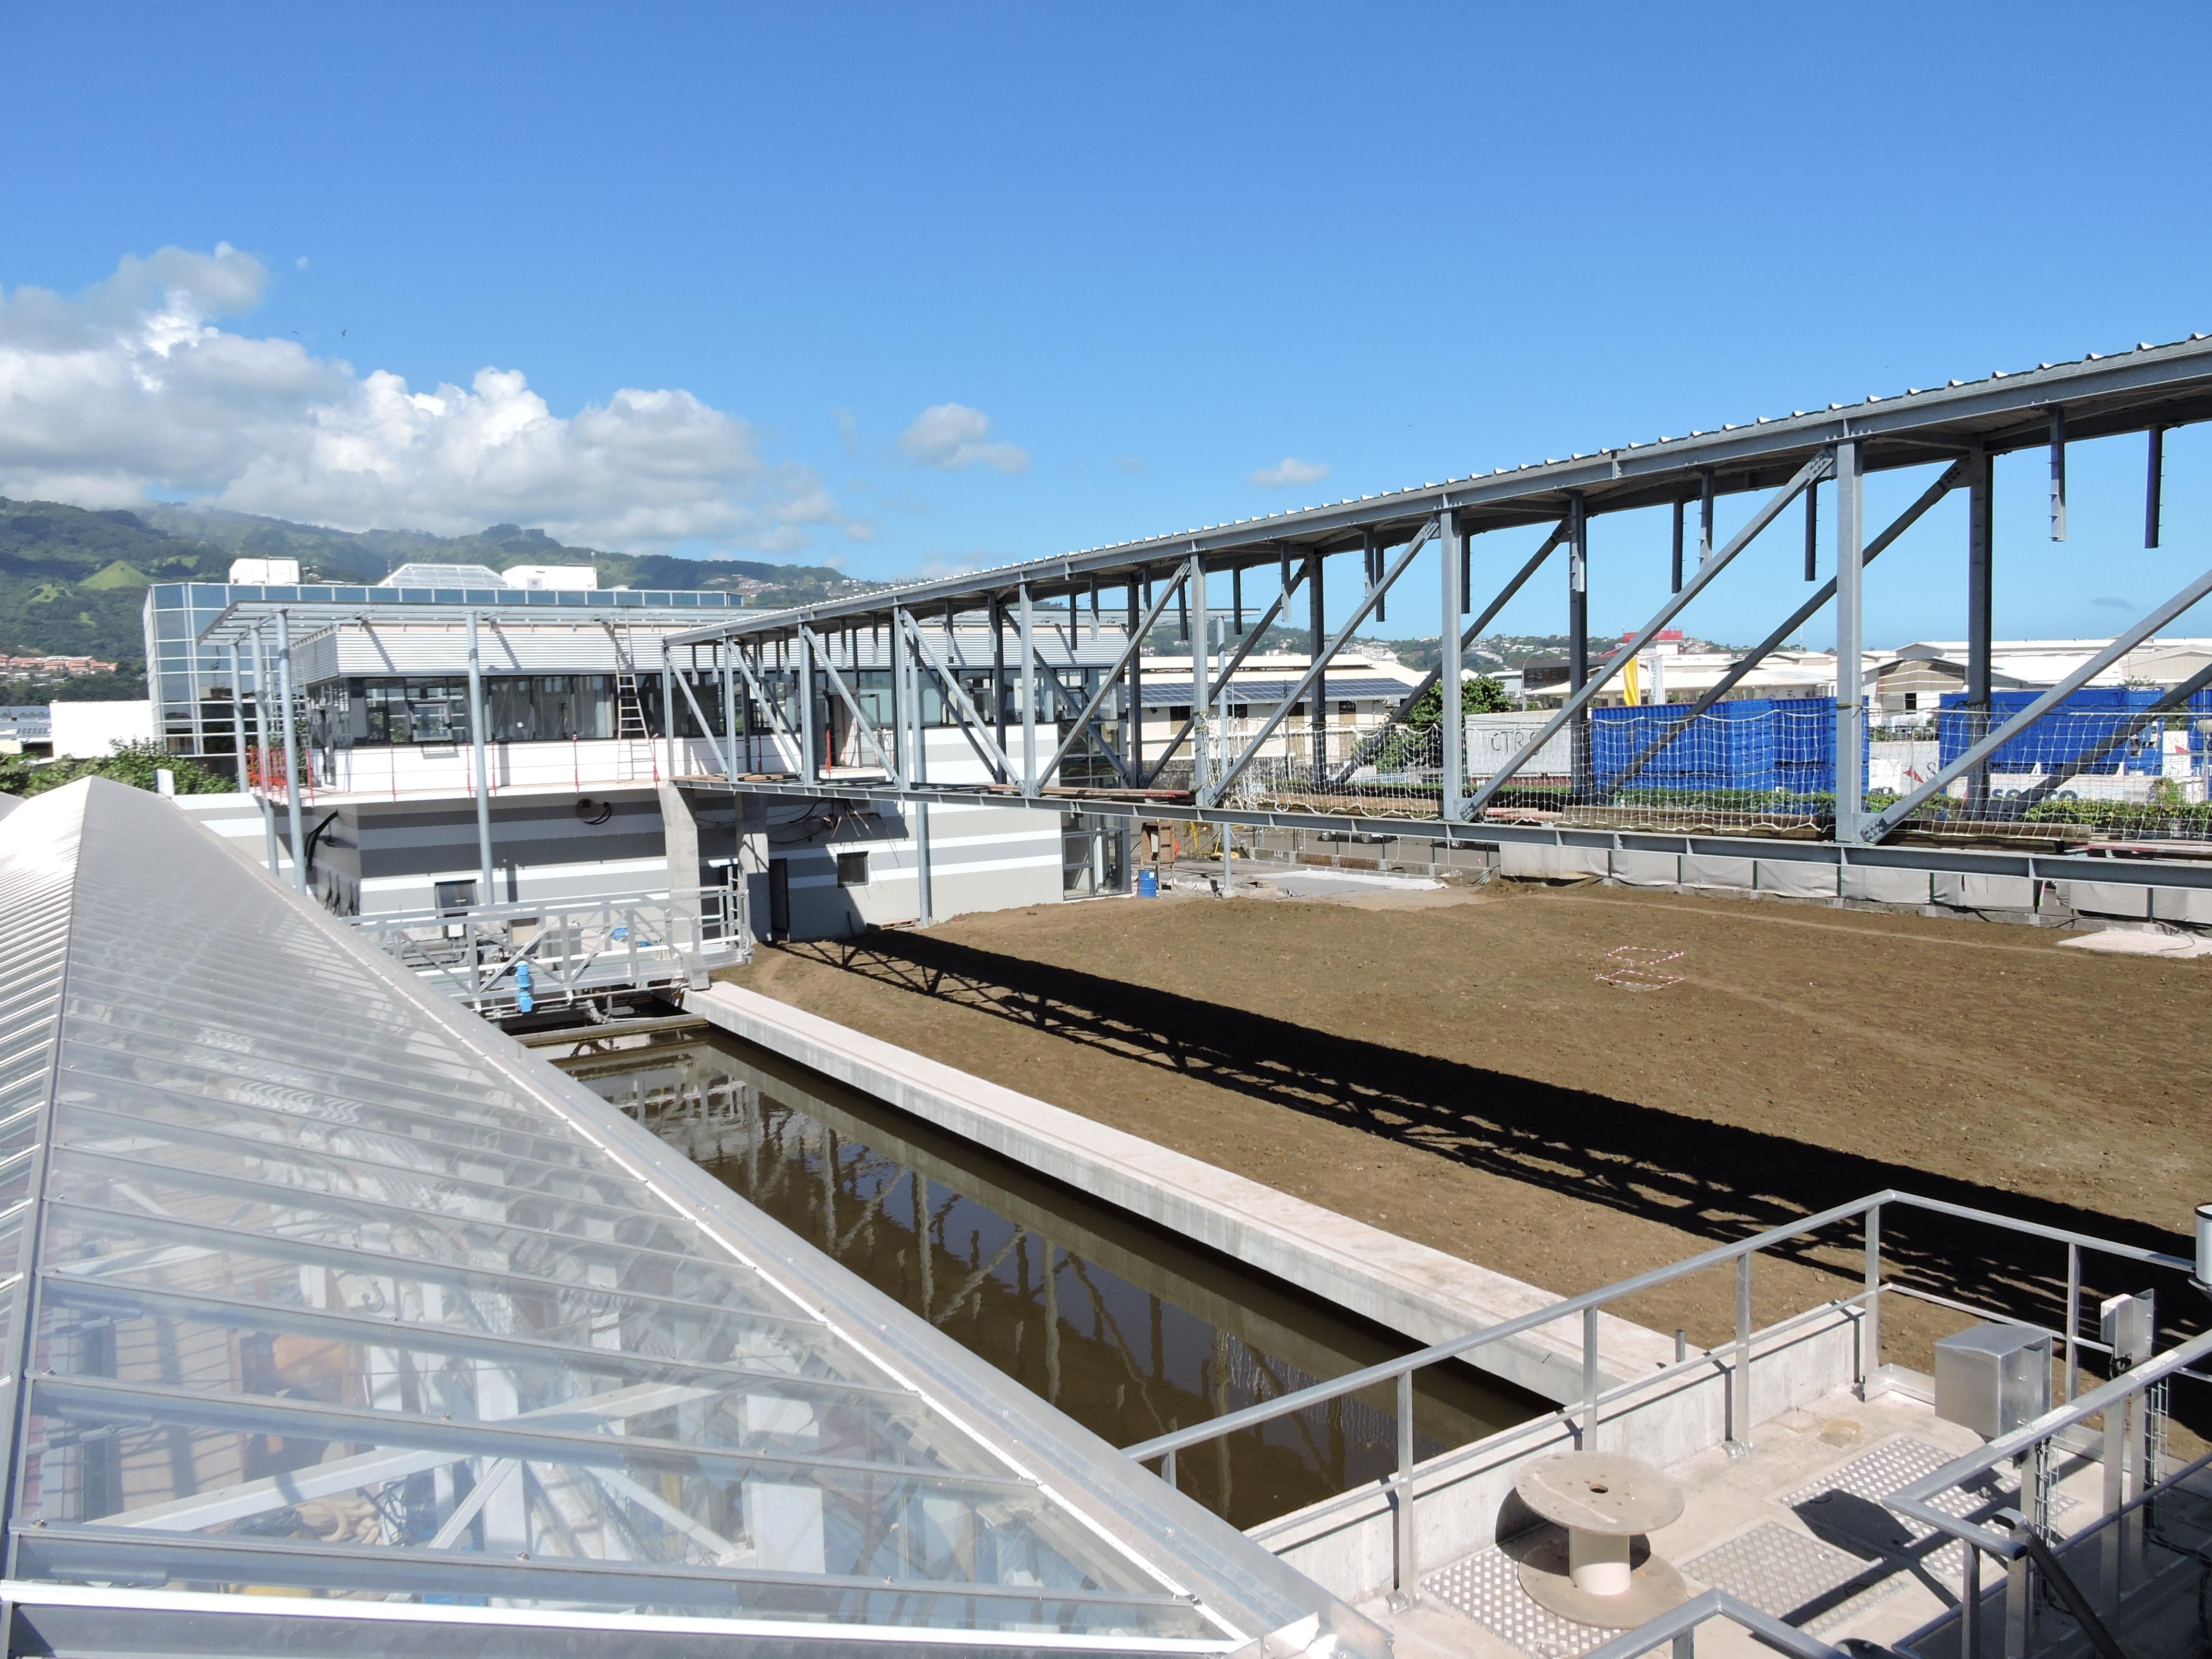 La station d'épuration de Papeete inaugurée en septembre